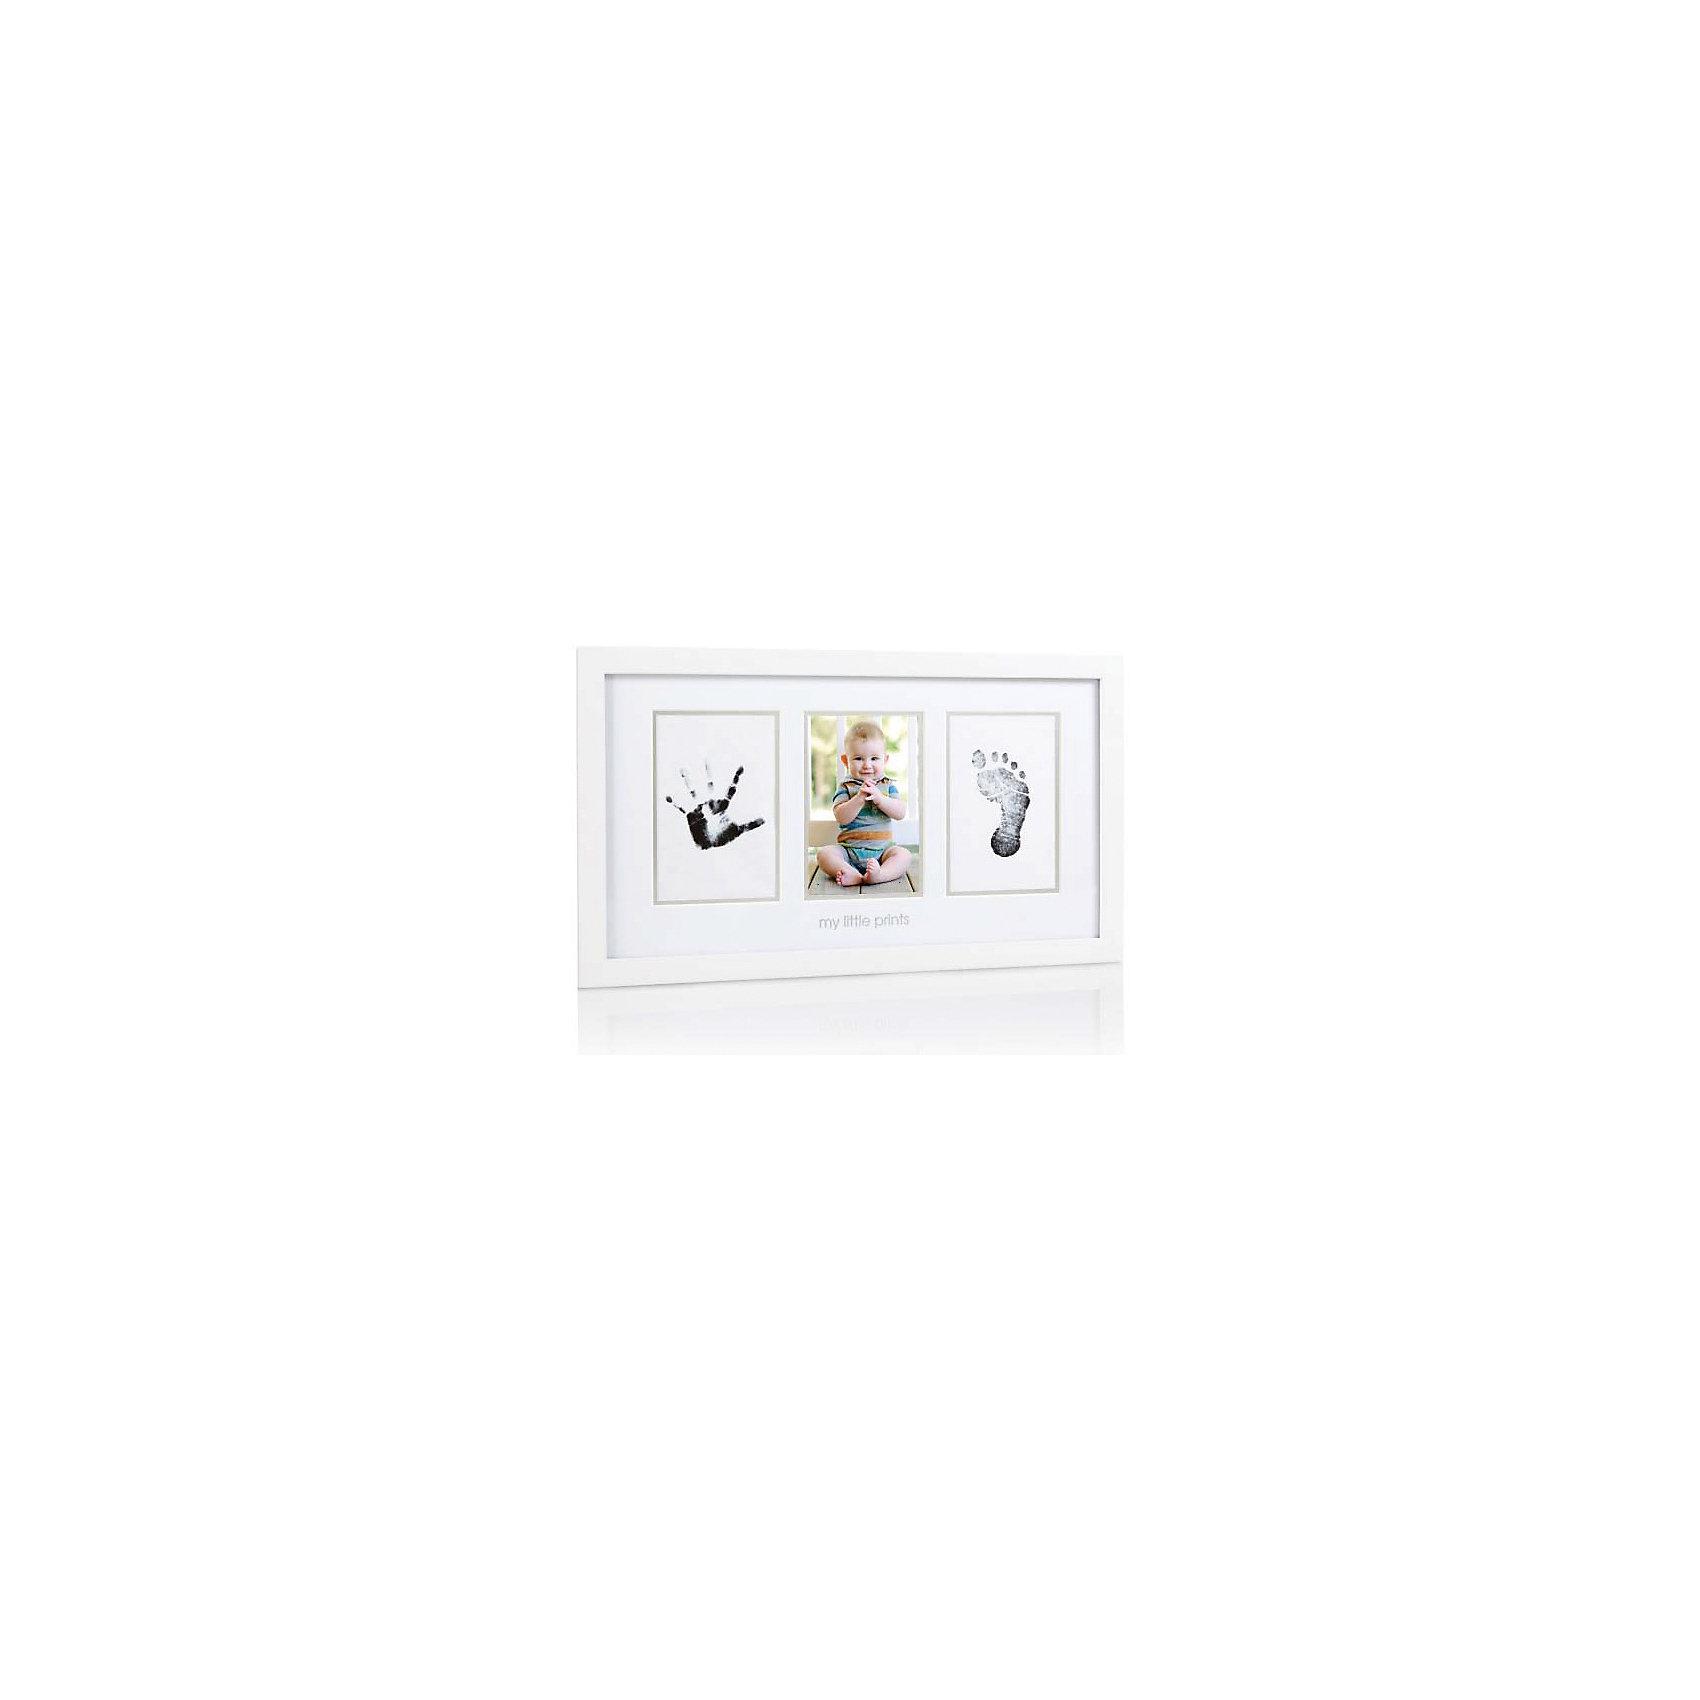 Рамочка тройная с отпечатком, PearheadДетские предметы интерьера<br>Характеристики:<br><br>• Цвет: белый<br>• Материал: дерево, стекло, чернила, бумага<br>• Комплектация: рамка, чернила для создания отпечатков, карточки для оттиска, напечатанные страницы, инструкция<br>• Тип рамки: настенная<br>• Количество секций: 3<br>• Размеры рамки (Д*Ш*В): 46*3*25 см <br>• Вес: 640 г <br>• Особенности ухода: допускается сухая и влажная чистка<br><br>Рамочка тройная с отпечатком, Pearhead от американского торгового бренда, который специализируется на создании подарочных наборов для новорожденных и их родителей. Инновационные технологии, которые используются при создании наборов для изготовления слепков являются безопасными и не вызывают аллергии. <br><br>Разработанная специальным образом подушечка с чернилами обеспечивает чистое касание детской ручки или ножки. В набор входит рамка, состоящая из трех секций, необходимые материалы и инструменты для создания детских отпечатков. Рамочка изготовлена из дерева, предназначена для размещения на стене. Изделие выполнено в классическом дизайне, поэтому подойдет для интерьера любого стилевого направления. <br><br>Рамочку тройную с отпечатком, Pearhead можно купить в нашем интернет-магазине.<br><br>Ширина мм: 460<br>Глубина мм: 30<br>Высота мм: 250<br>Вес г: 1033<br>Возраст от месяцев: 0<br>Возраст до месяцев: 84<br>Пол: Унисекс<br>Возраст: Детский<br>SKU: 5482399